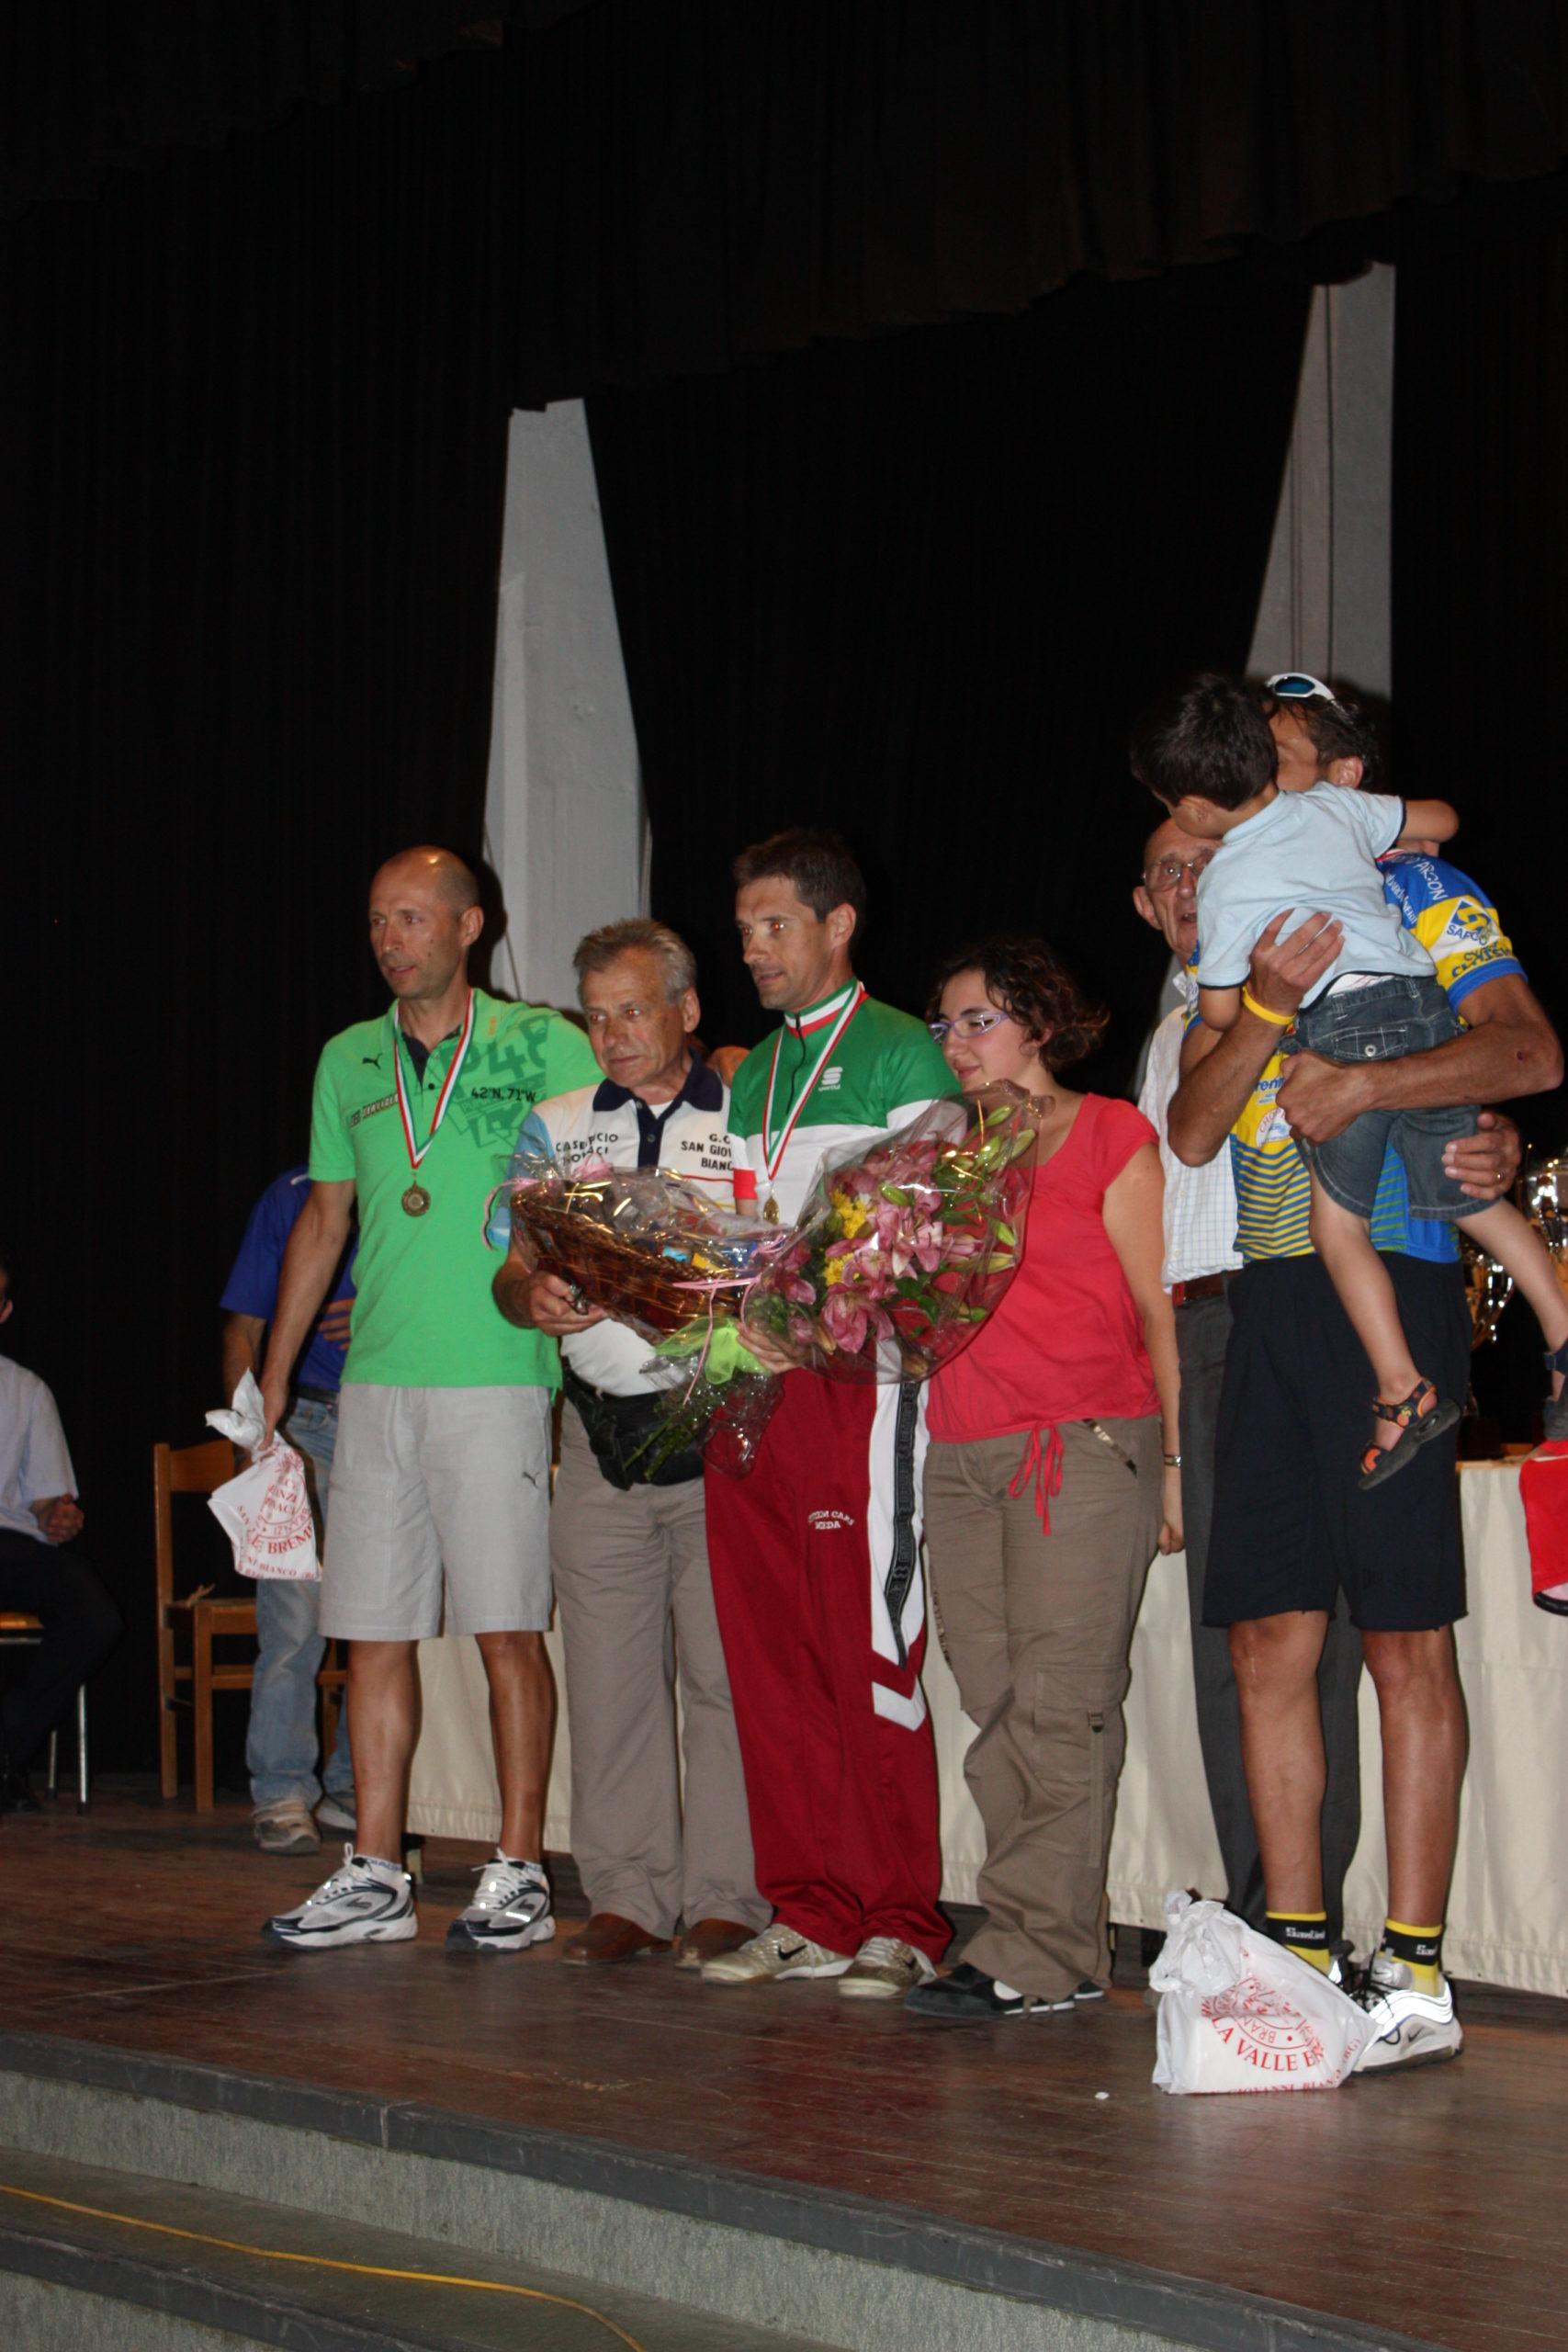 Campionato Italiano Montagna 2009